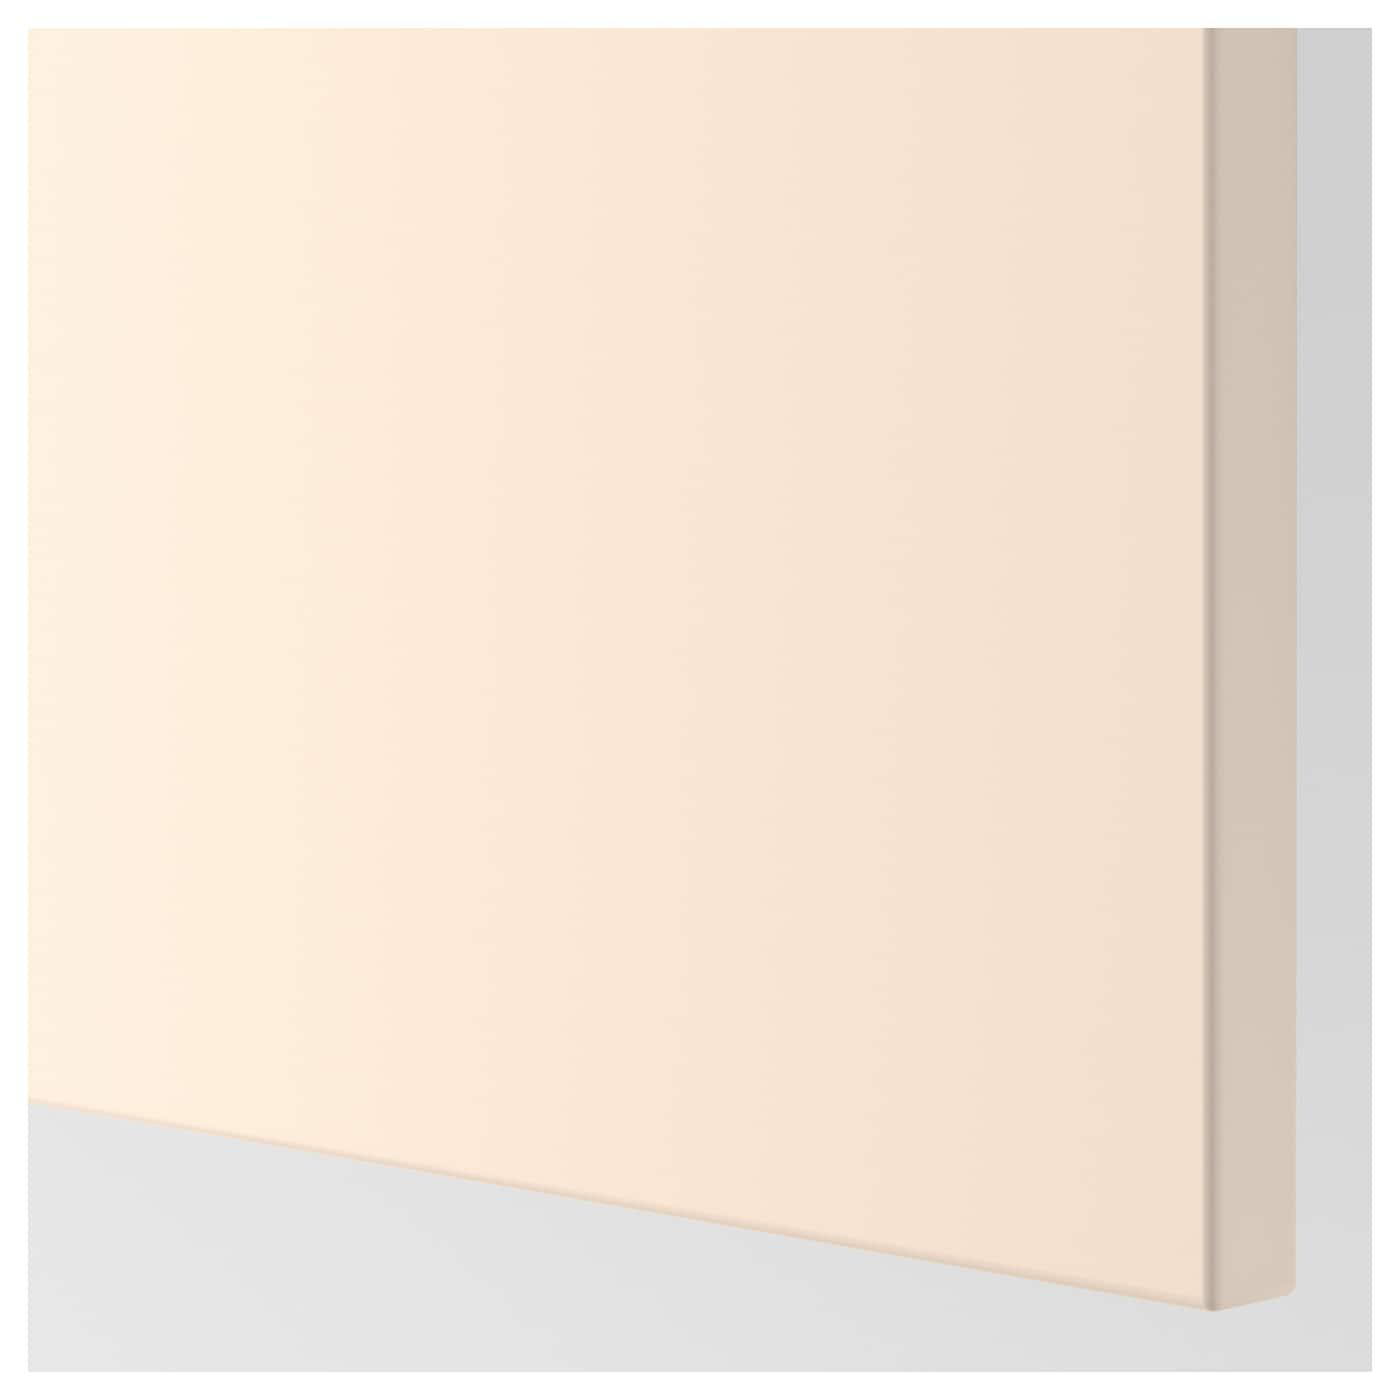 voxtorp panneau lat ral de finition beige clair 39x86 cm ikea. Black Bedroom Furniture Sets. Home Design Ideas